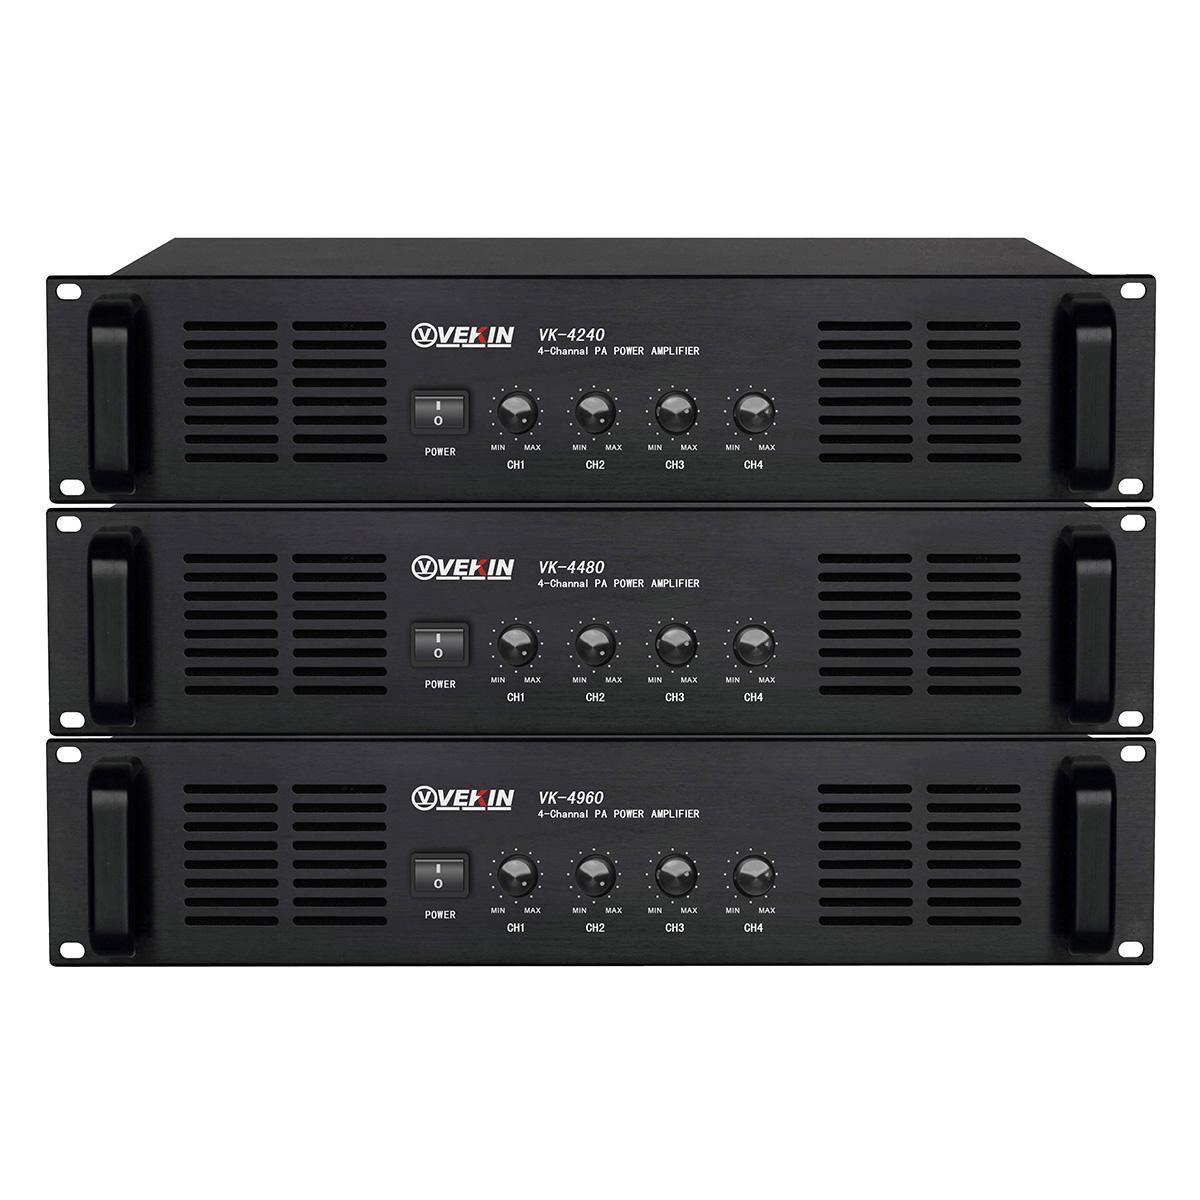 四通道纯后级广播功放 VK-4240 VK-4480 VK-4960